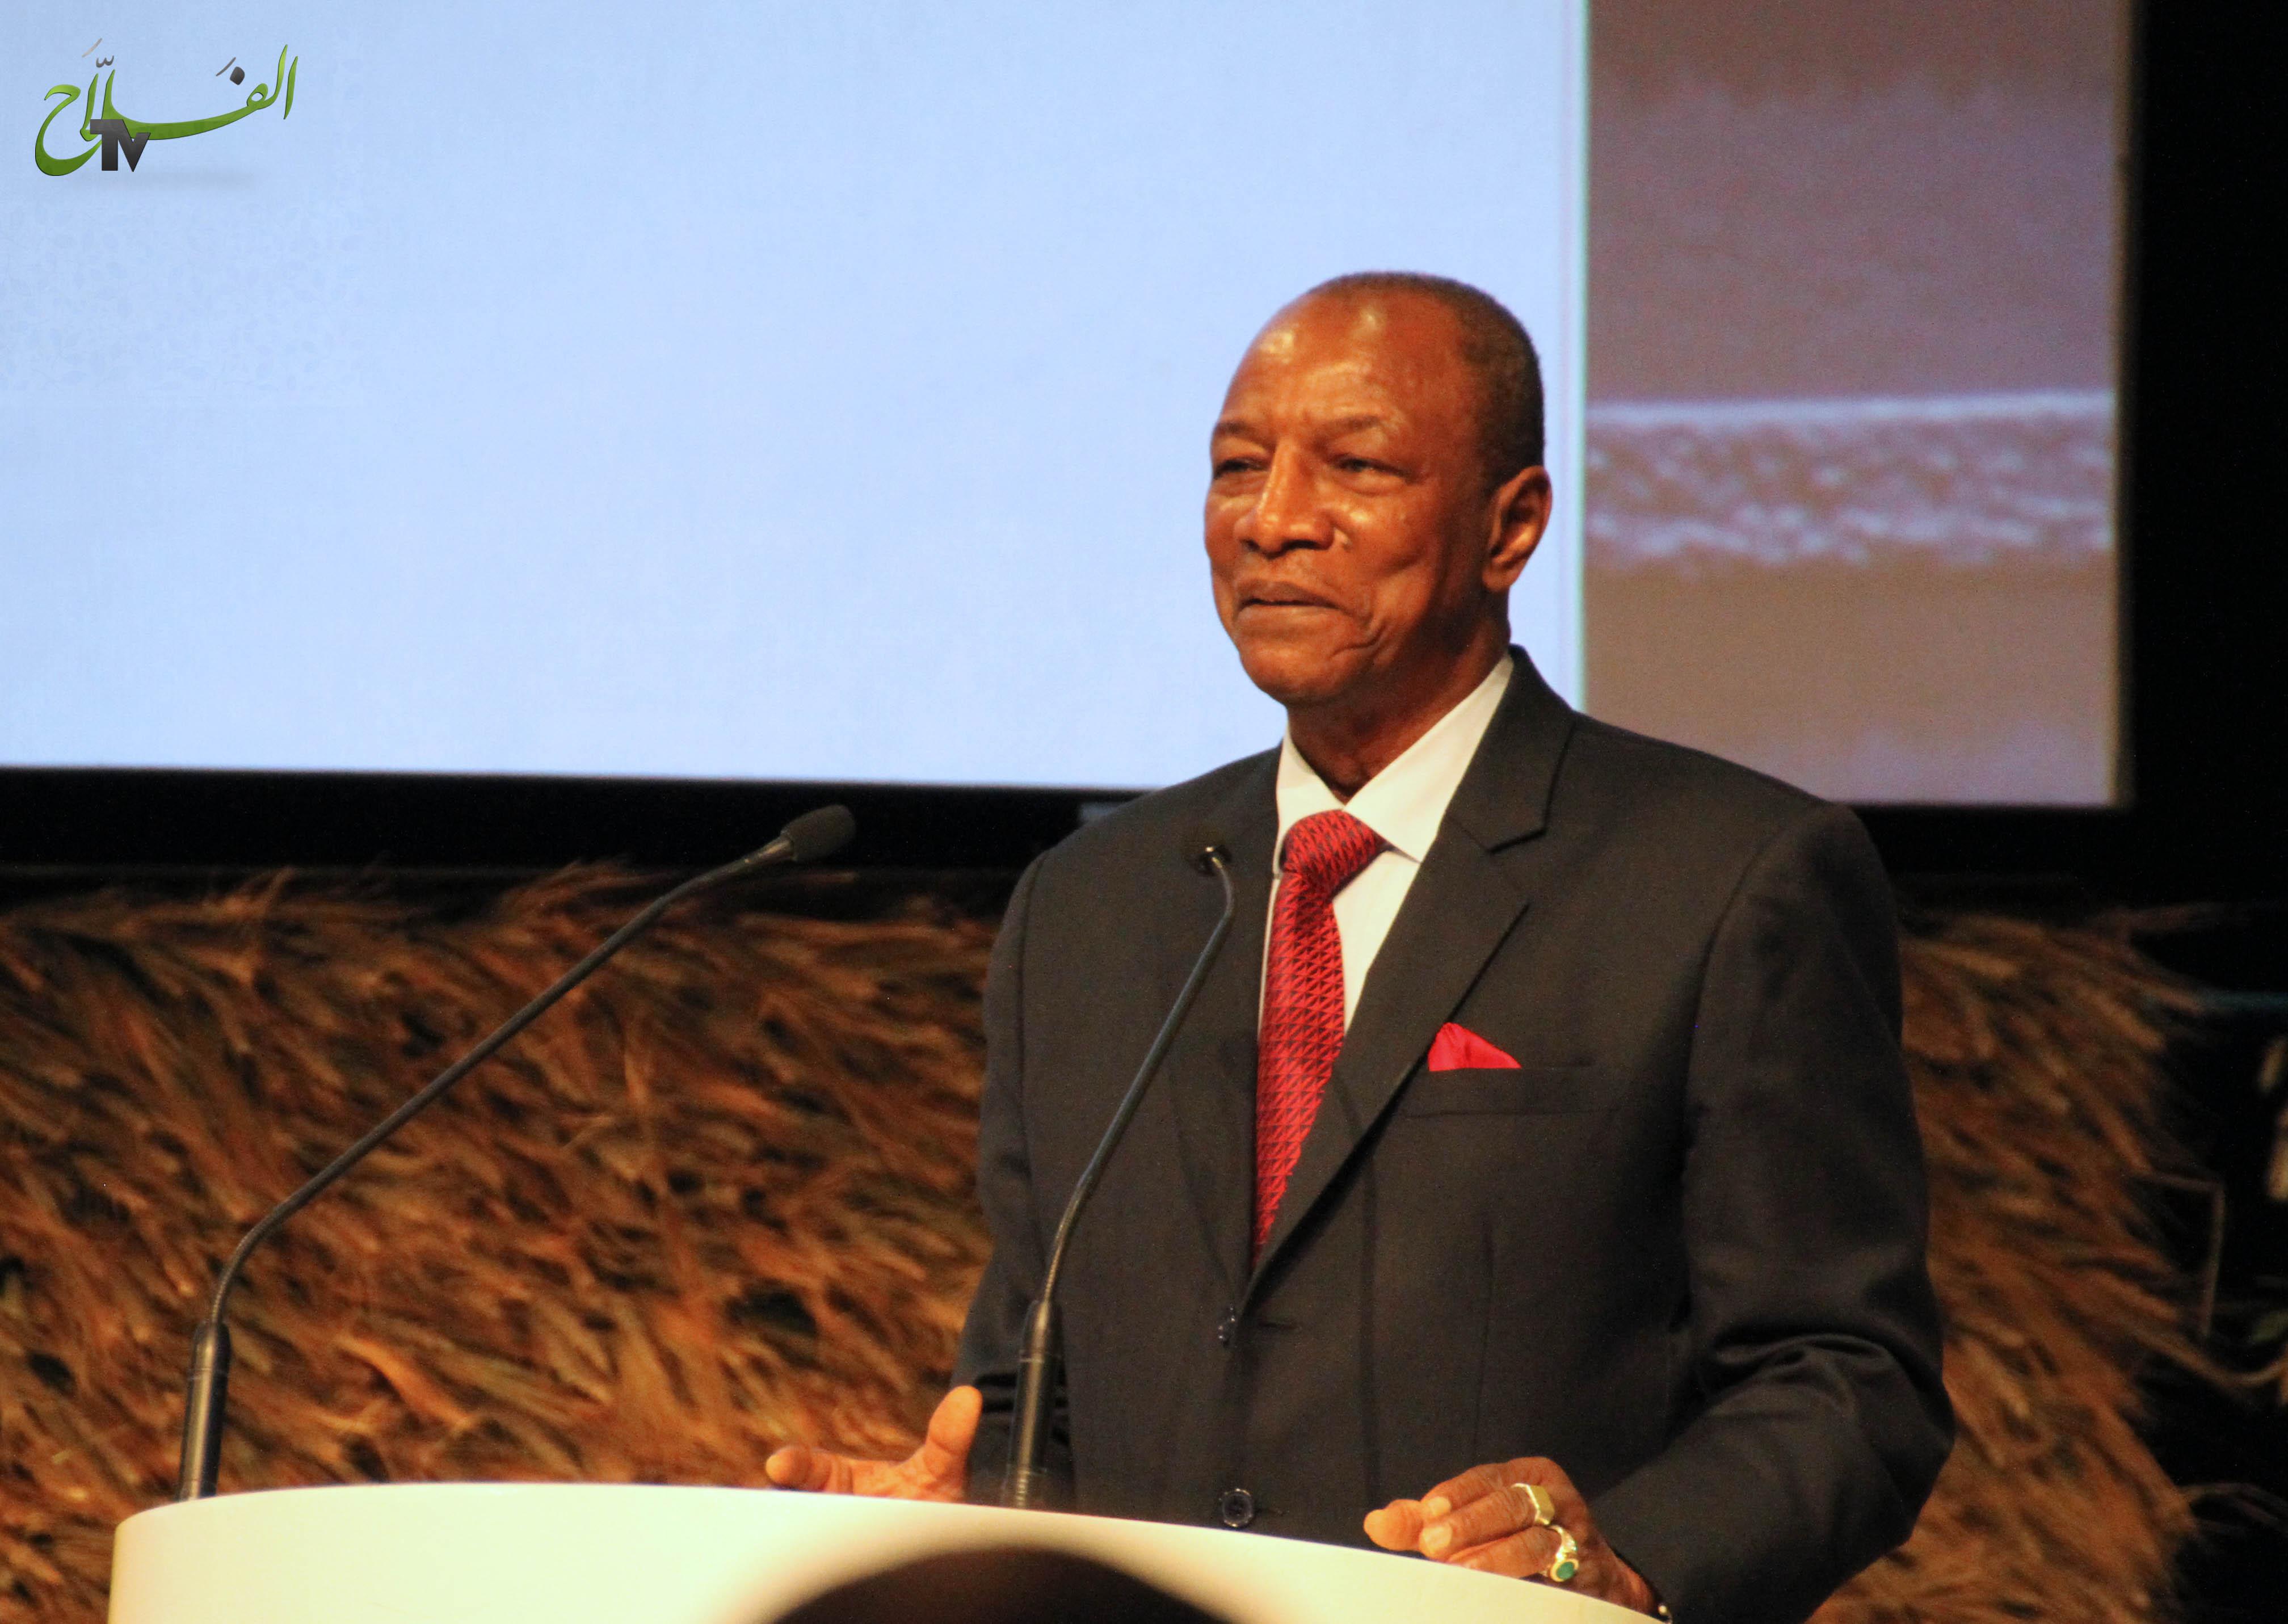 رئيس جمهورية غينيا يدعو المغرب إلى دعم بلاده لتنمية قطاعها الفلاحي